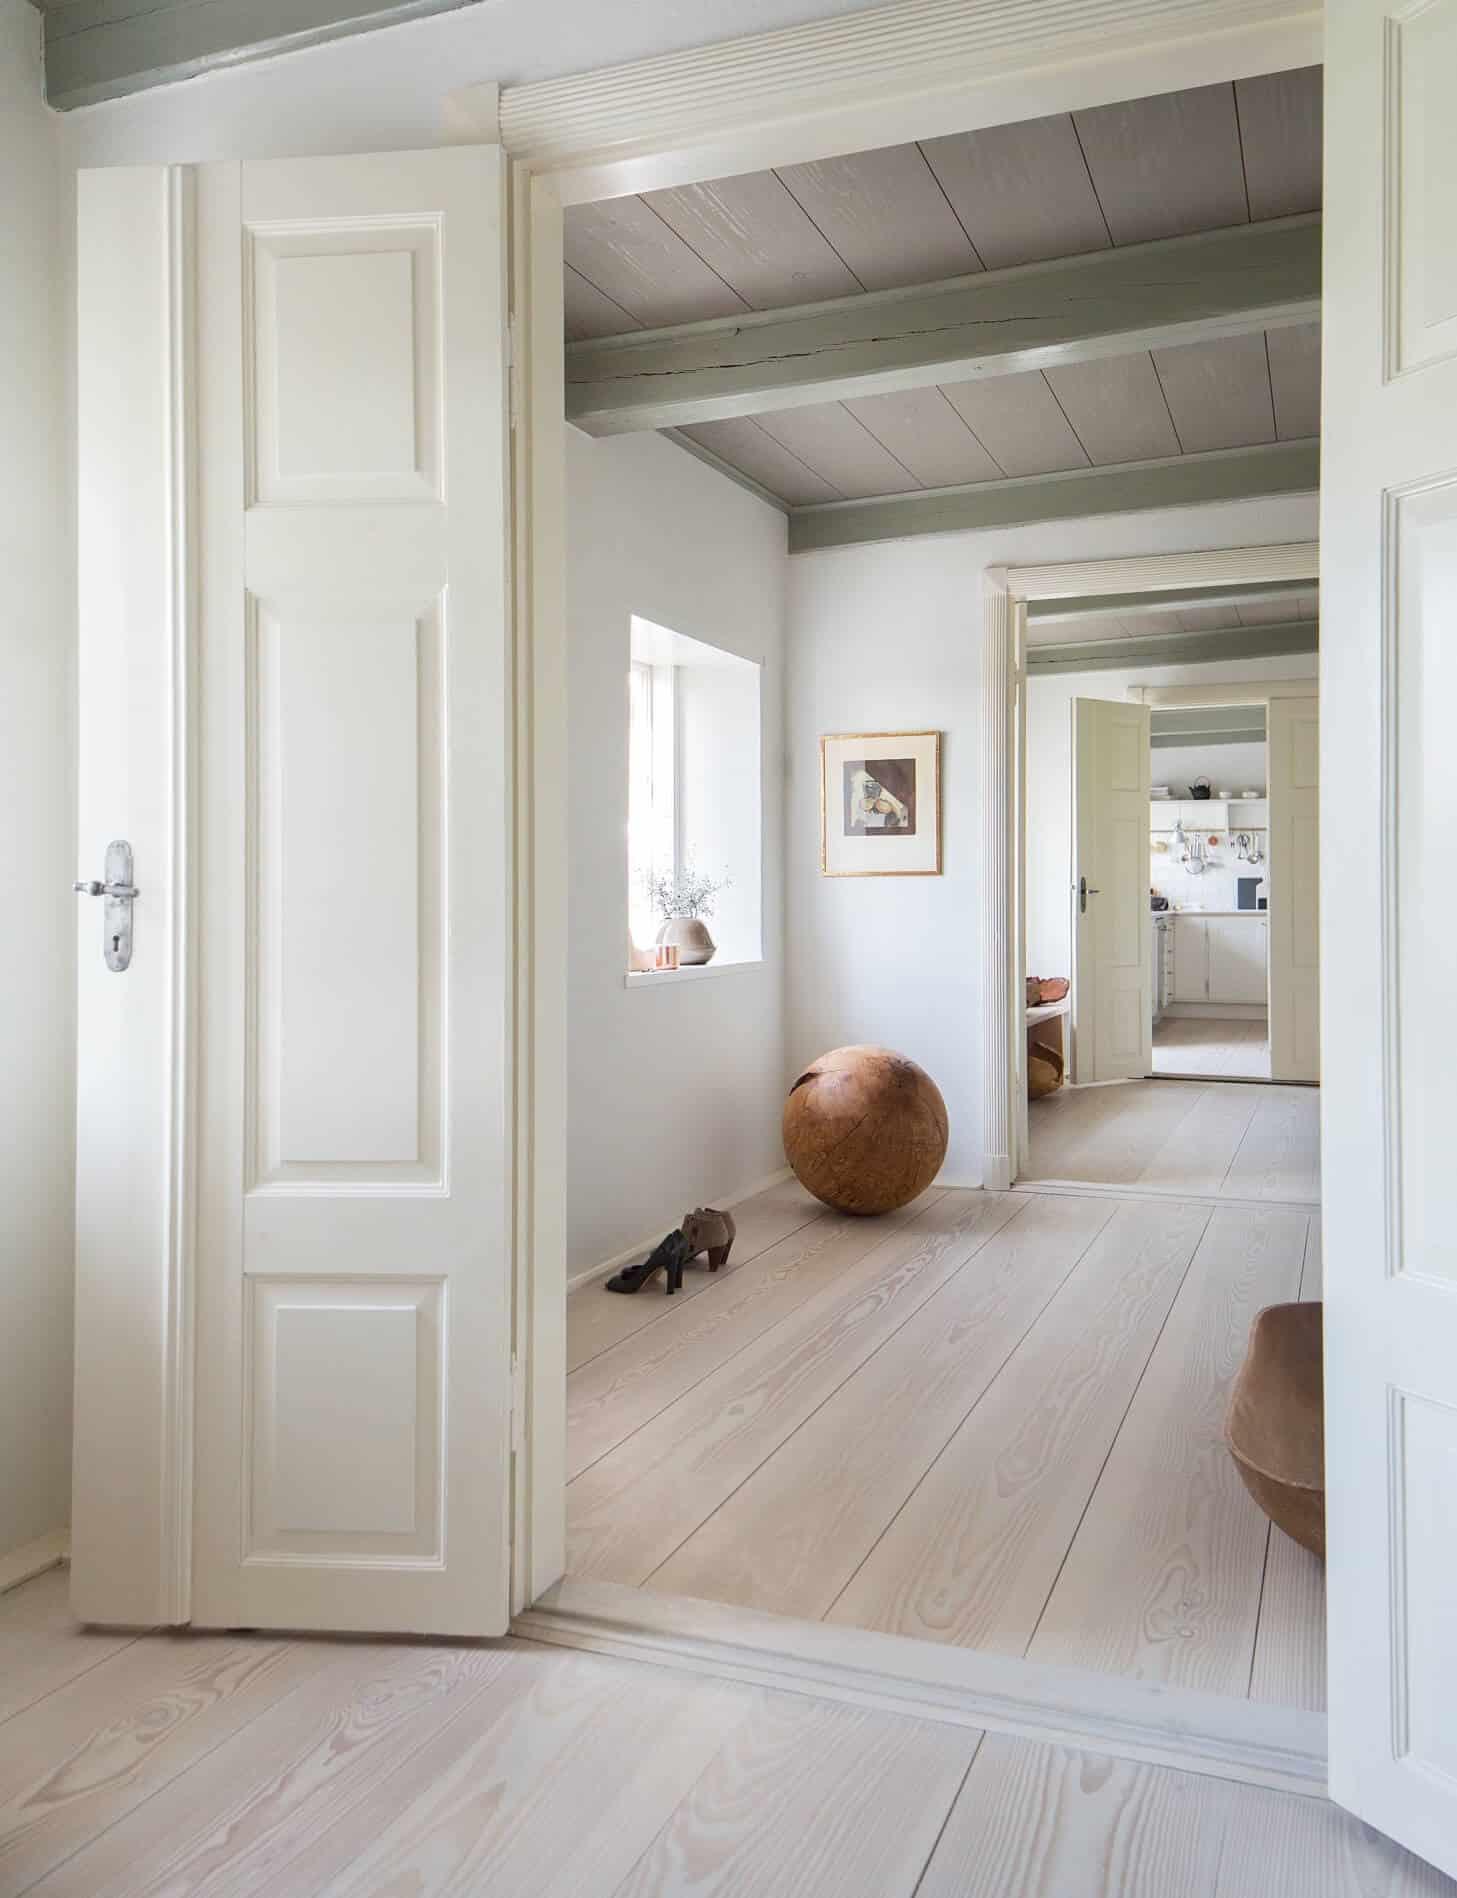 Thiết kế cửa tối giản nhưng hiện đại, sang trọng